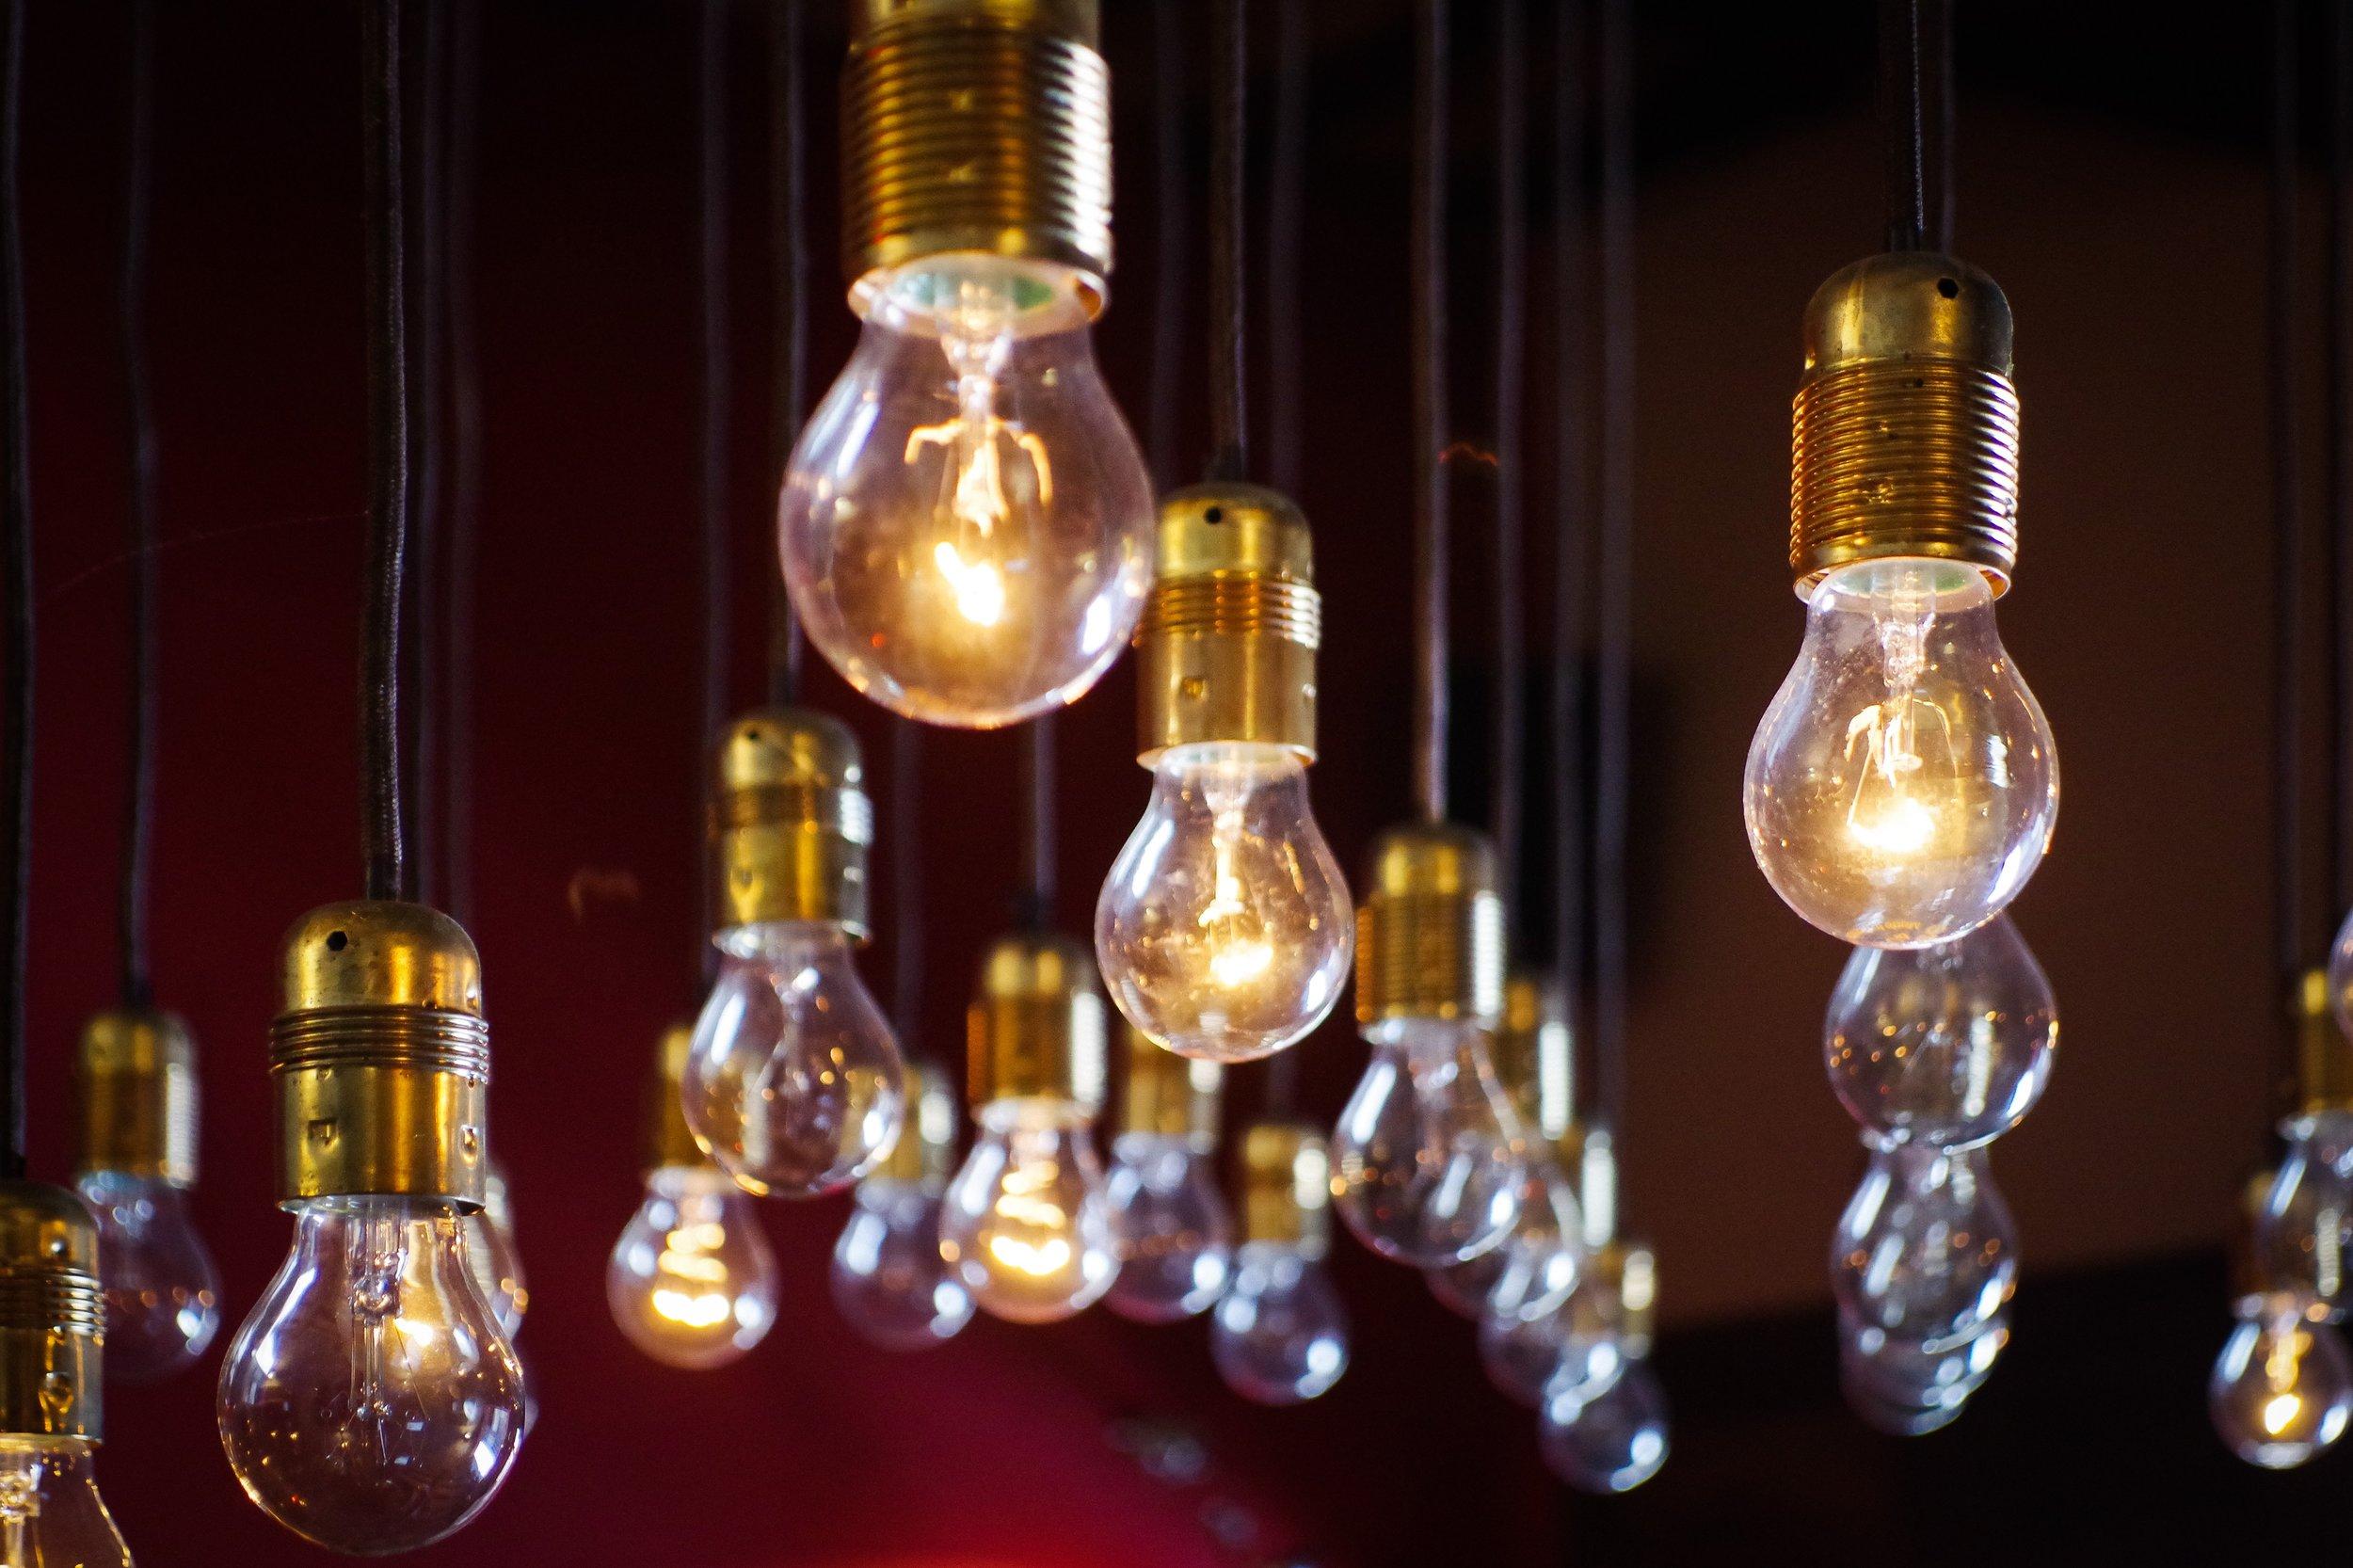 lightbulbs.jpg